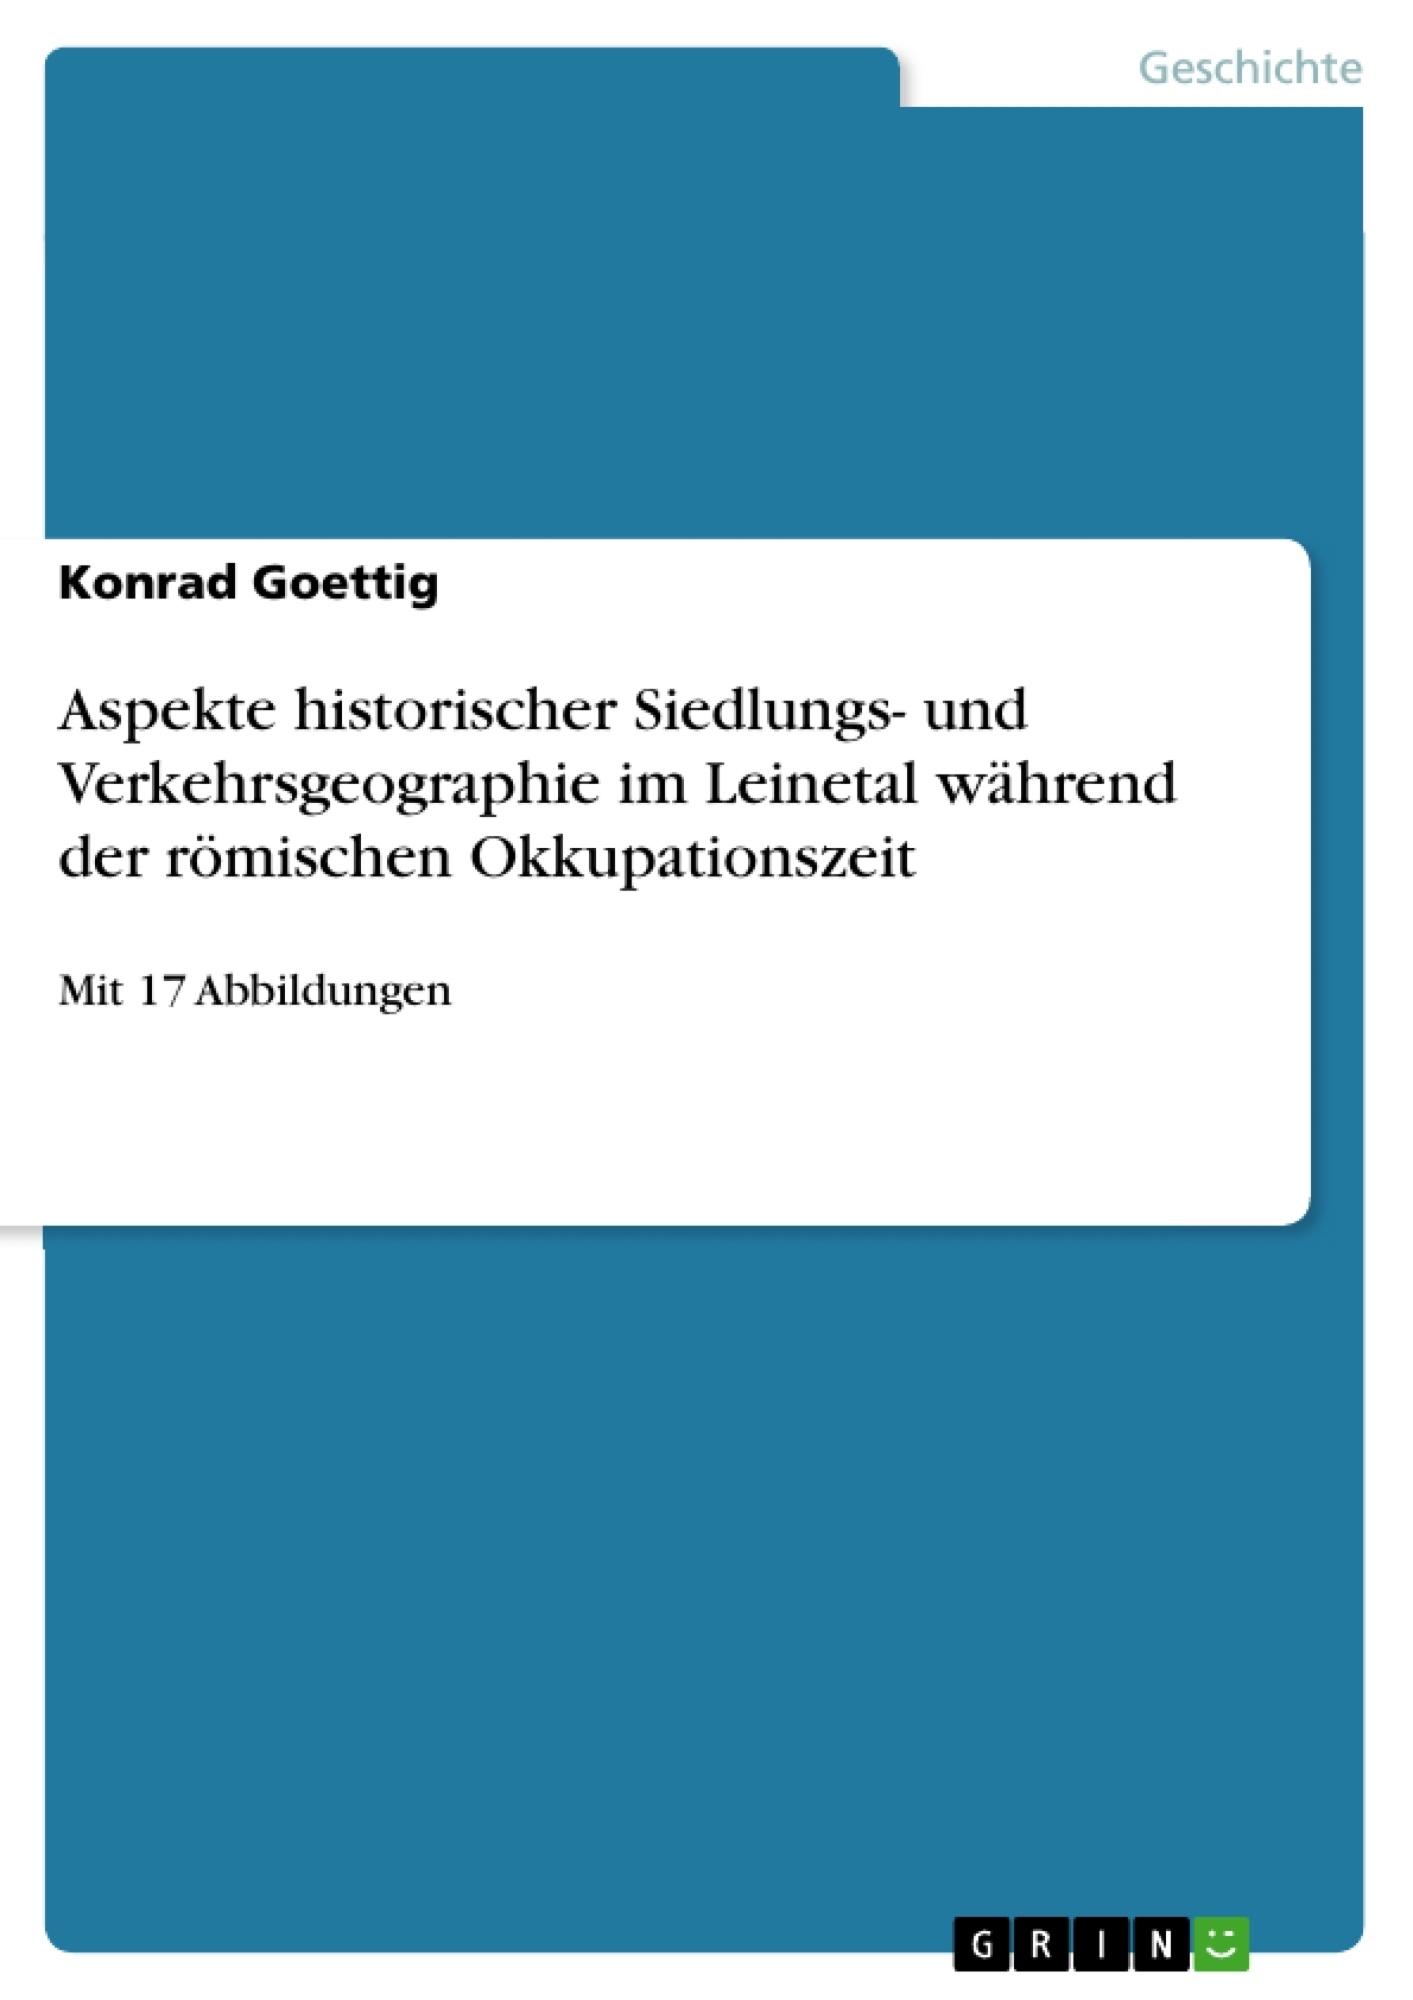 Titel: Aspekte historischer Siedlungs- und Verkehrsgeographie im Leinetal während der römischen Okkupationszeit